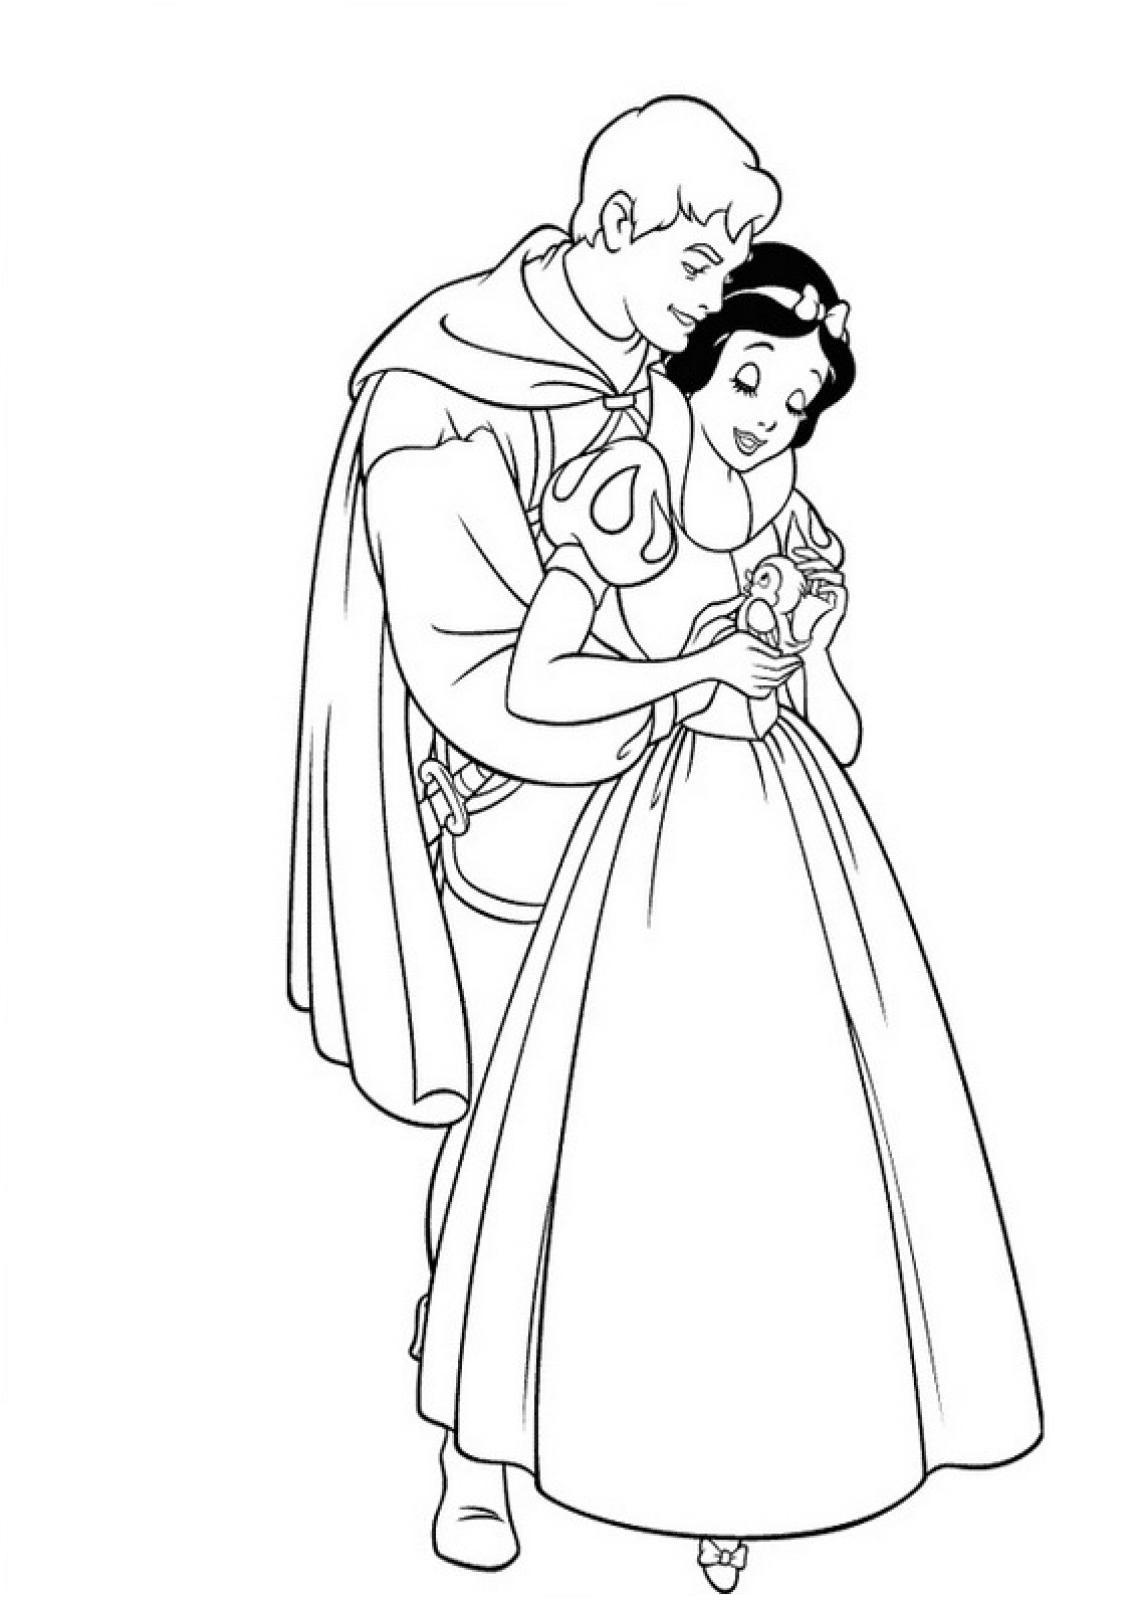 Принц и Белоснежка обнимаются - раскраска №641 | Printonic.ru